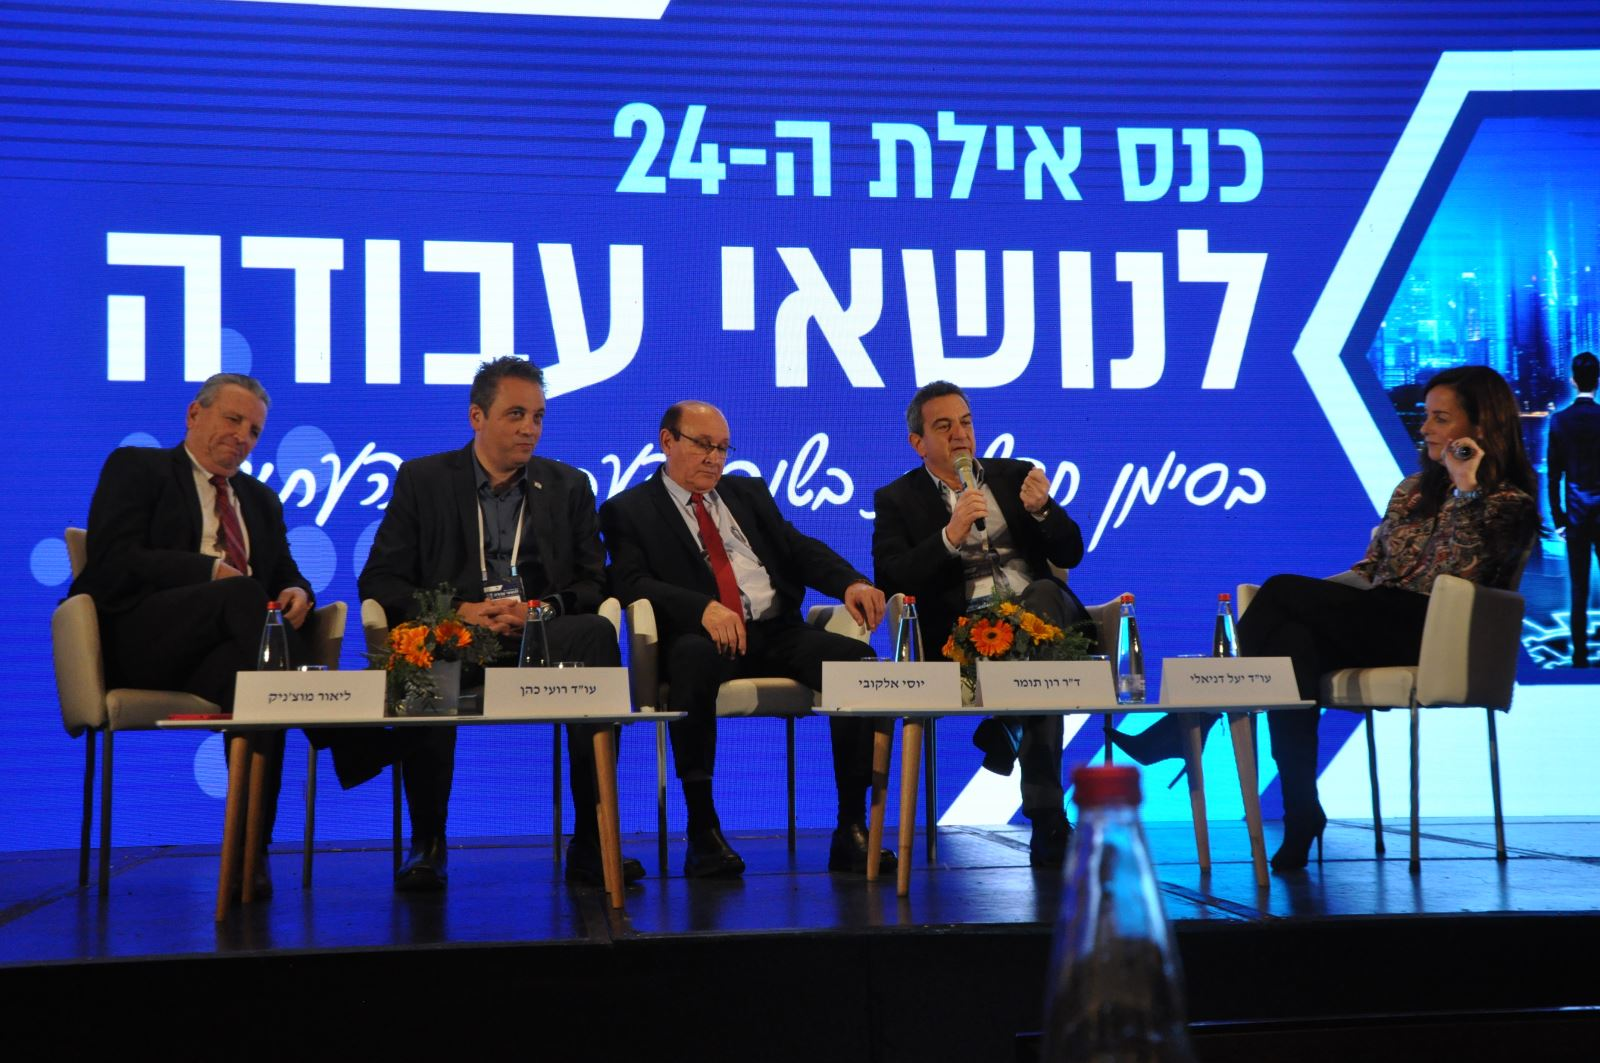 500 בכירות ובכירים מהמשק והתעשייה הישראלית, השתתפו בשבוע שעבר בכנס אילת לנושאי עבודה